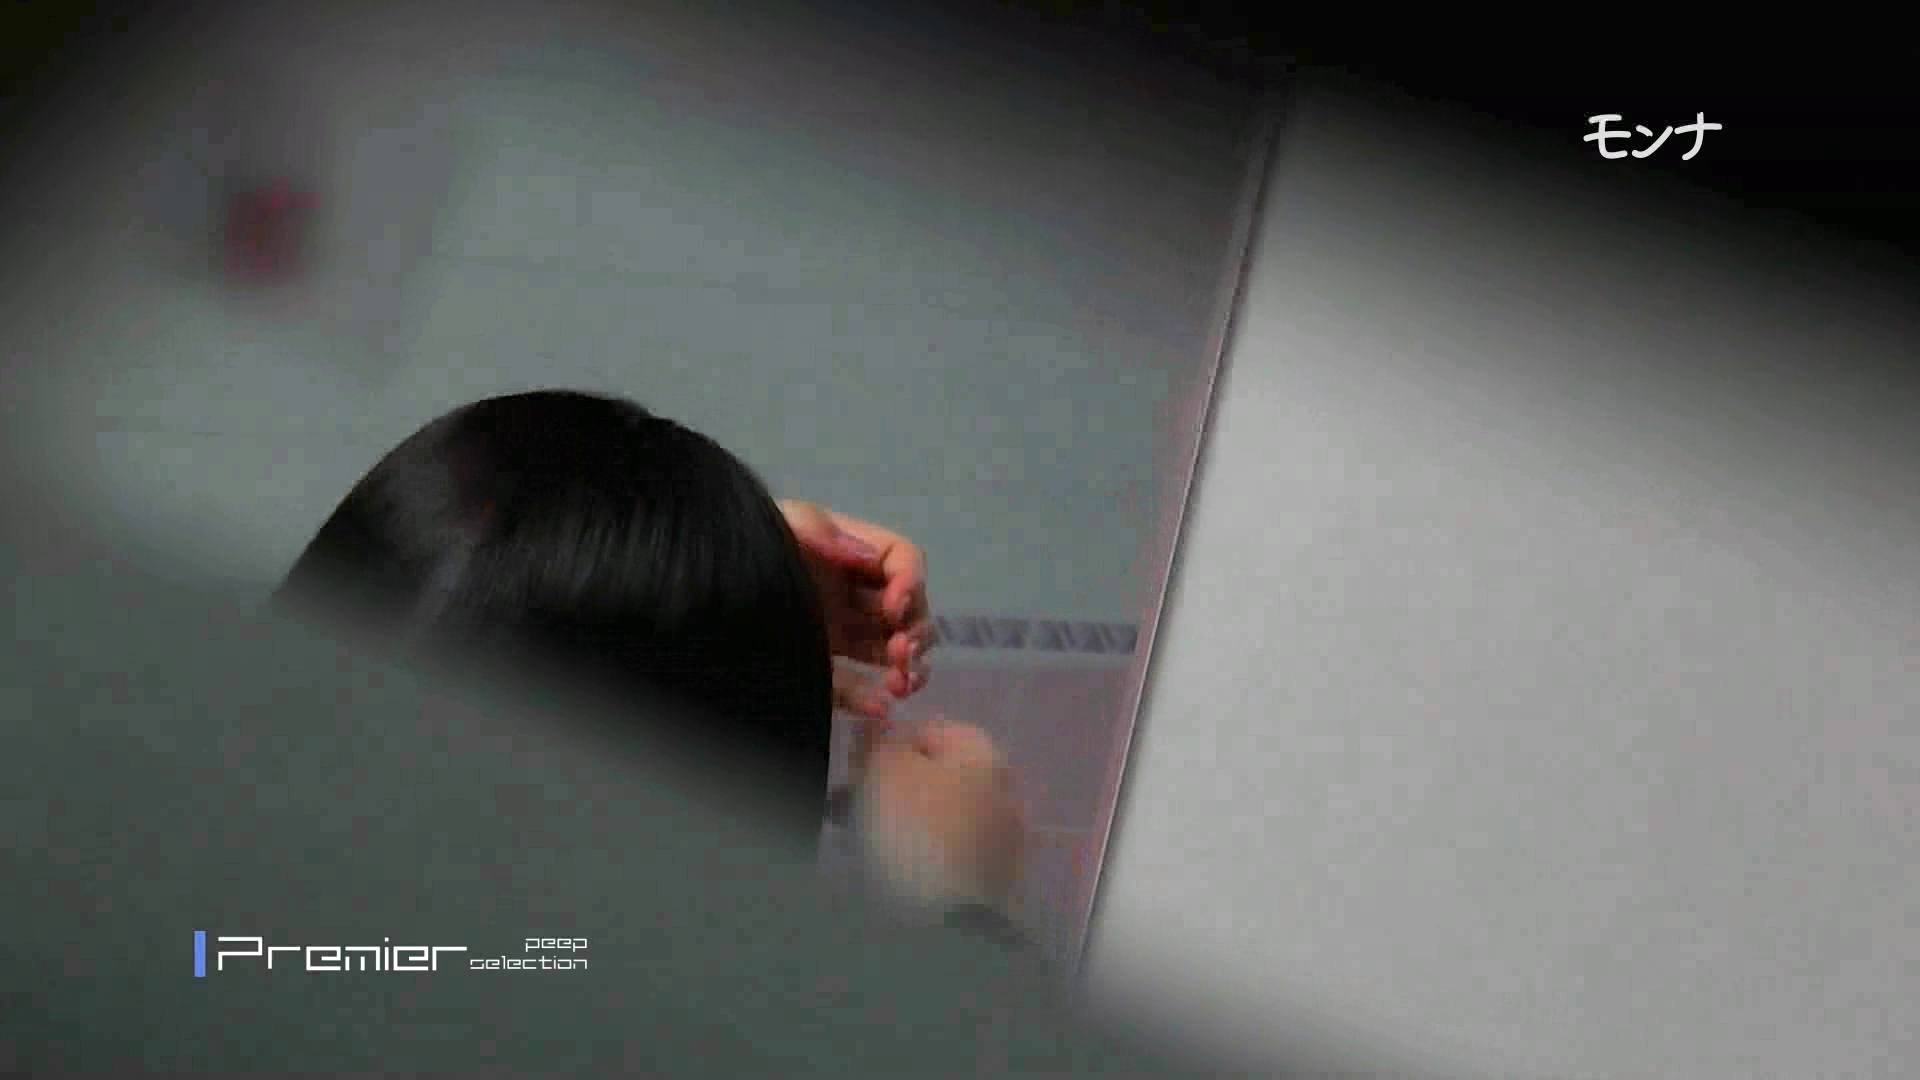 遂に!!戸田恵梨香似の予告モデル登場ダッシュで「大」 盗撮  105pic 99